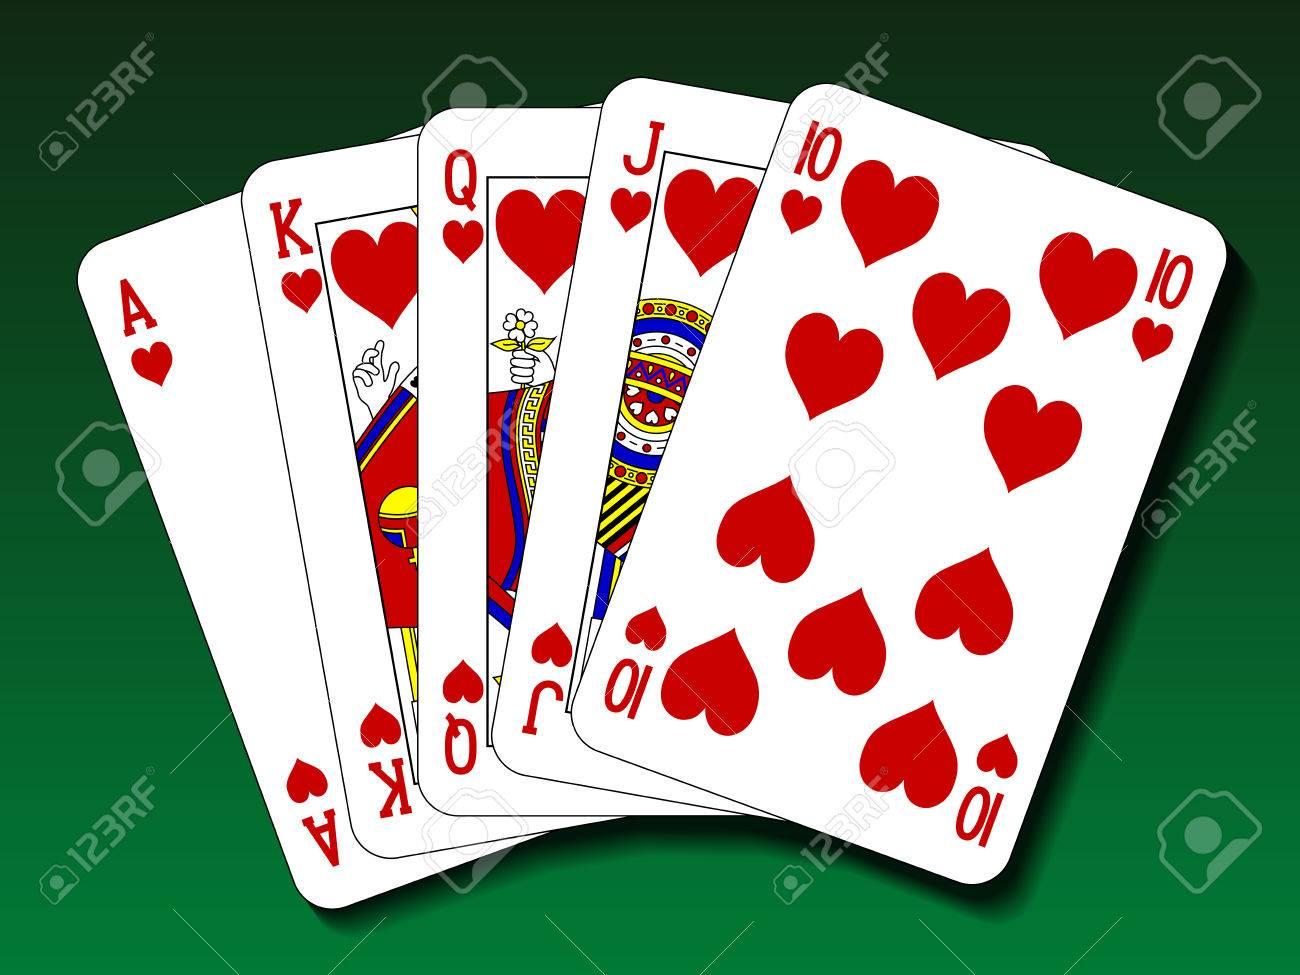 Poker hand - Royal flush heart - 45356266